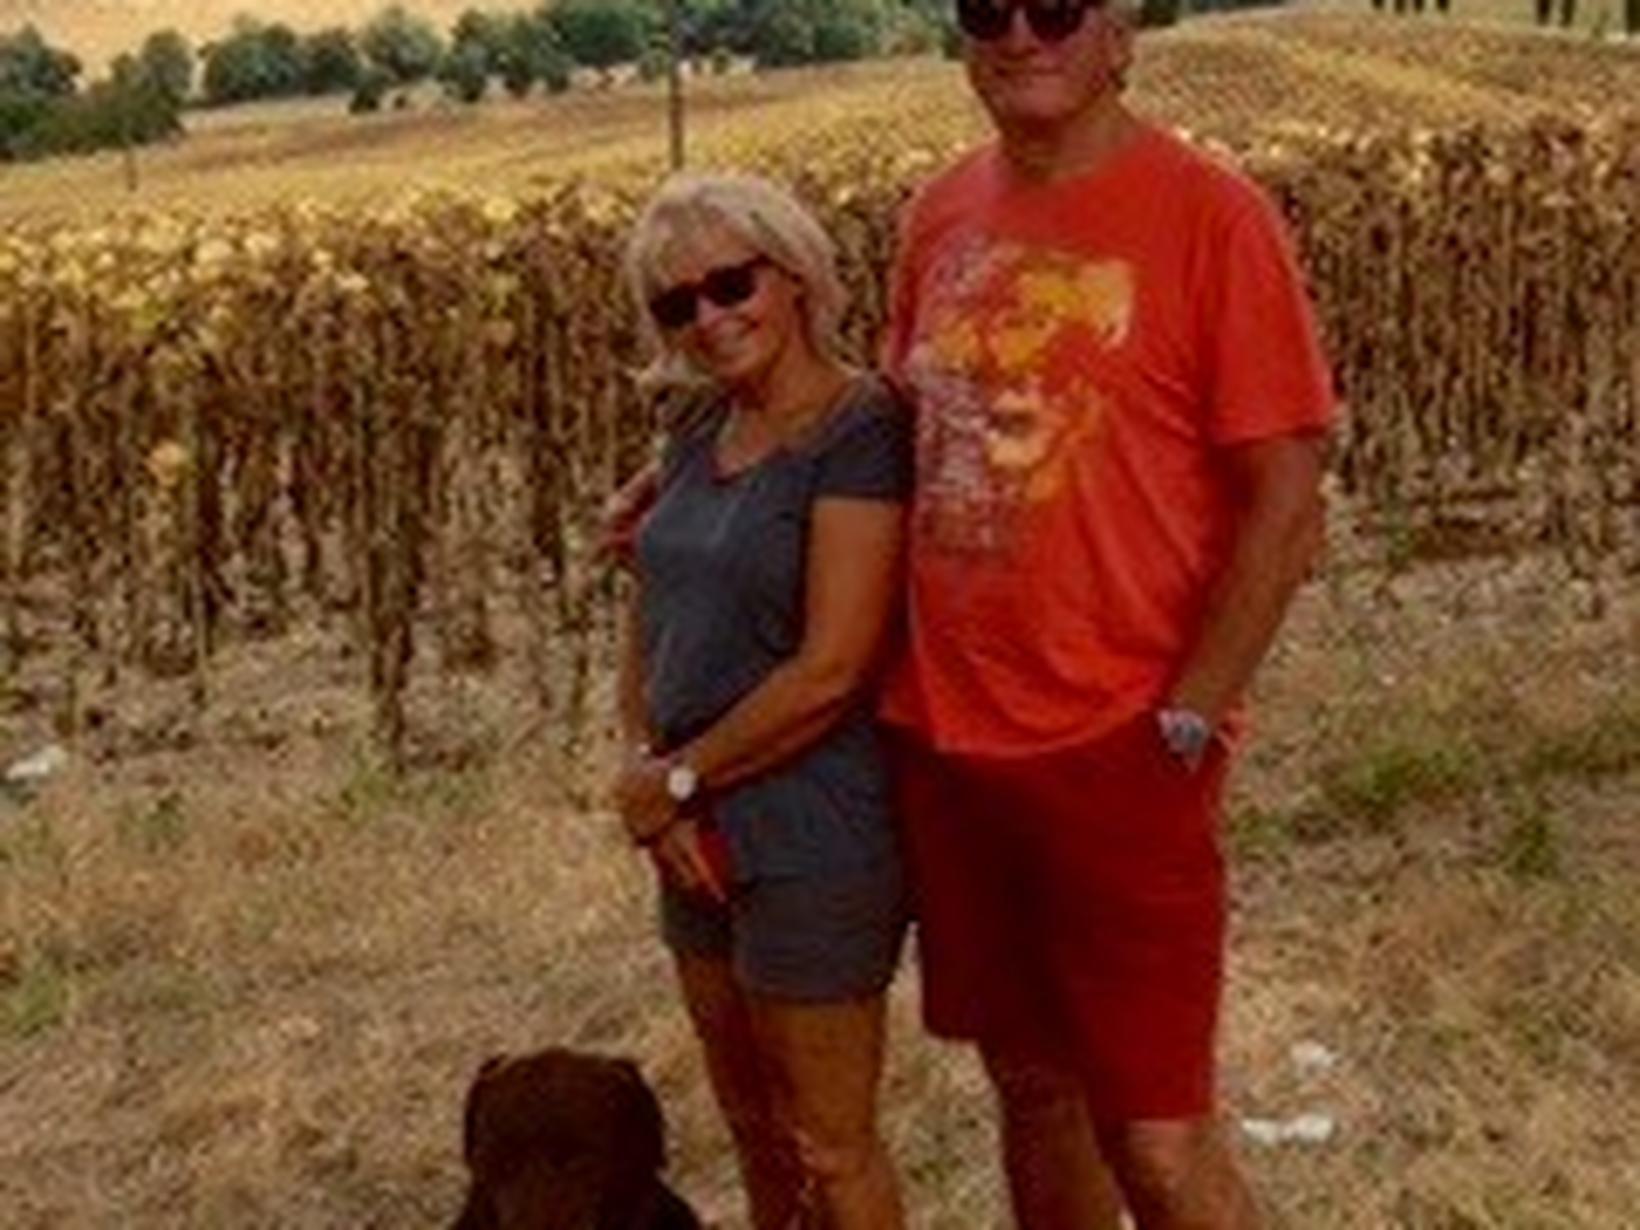 Graham & Maggie from Saint-Amans-du-Pech, France